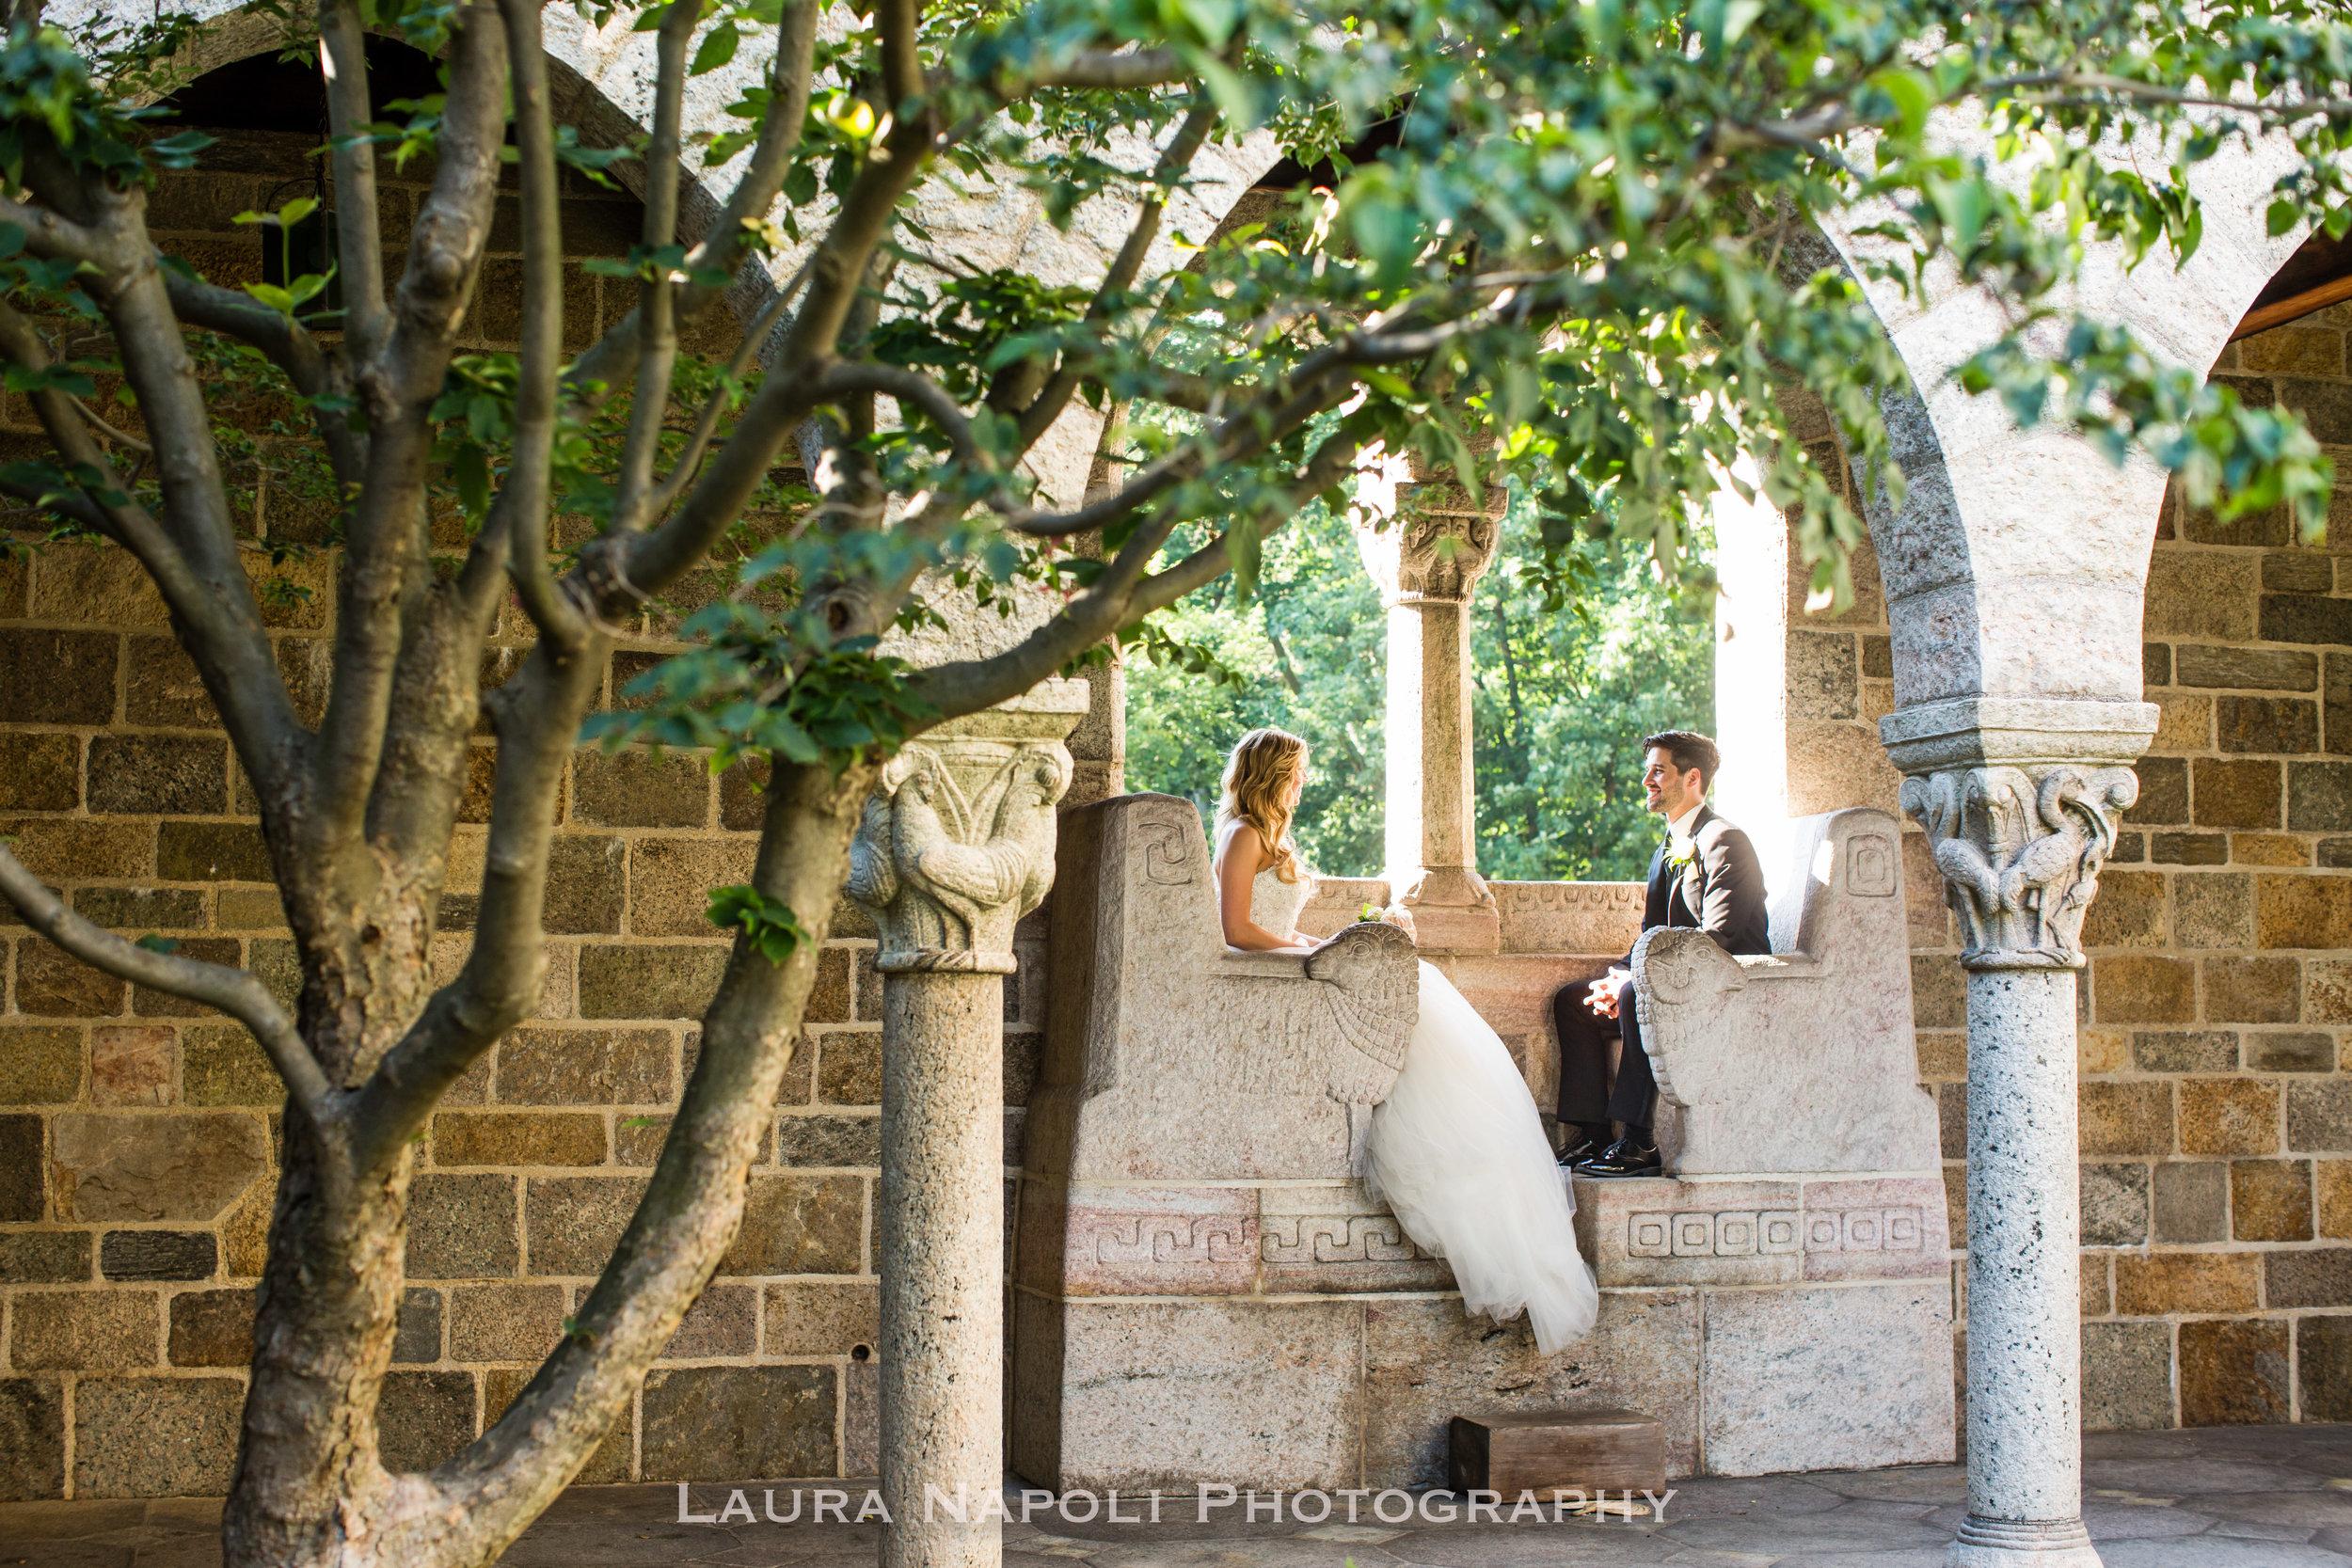 Cairnwoodestateweddingbrynathenpa-29.jpg